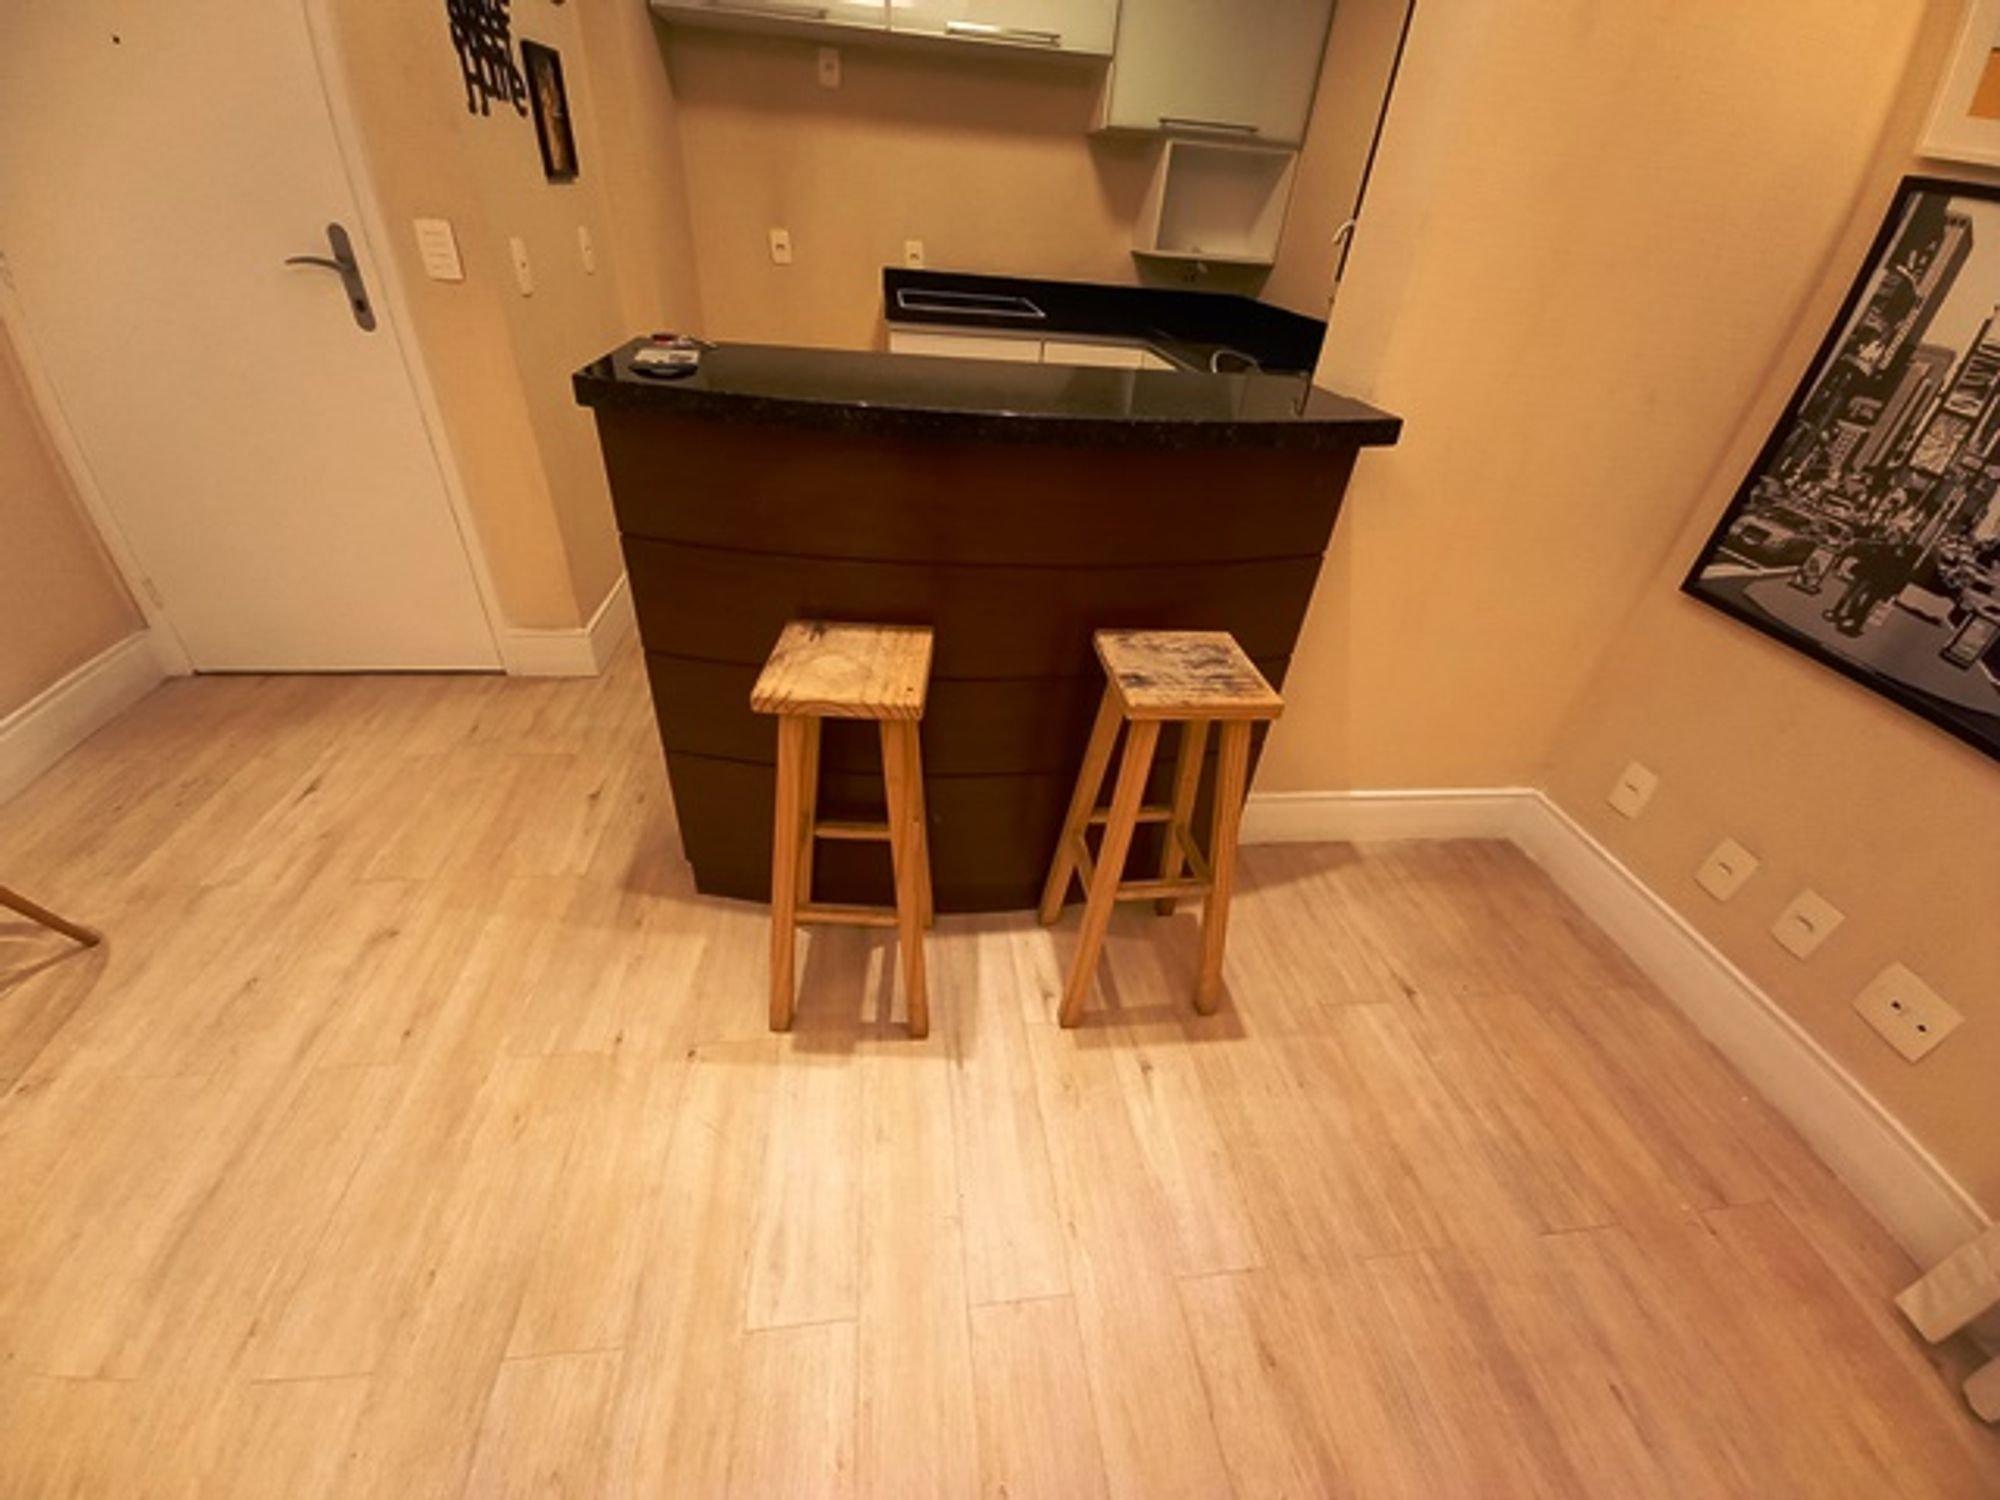 Foto de Banheiro com cadeira